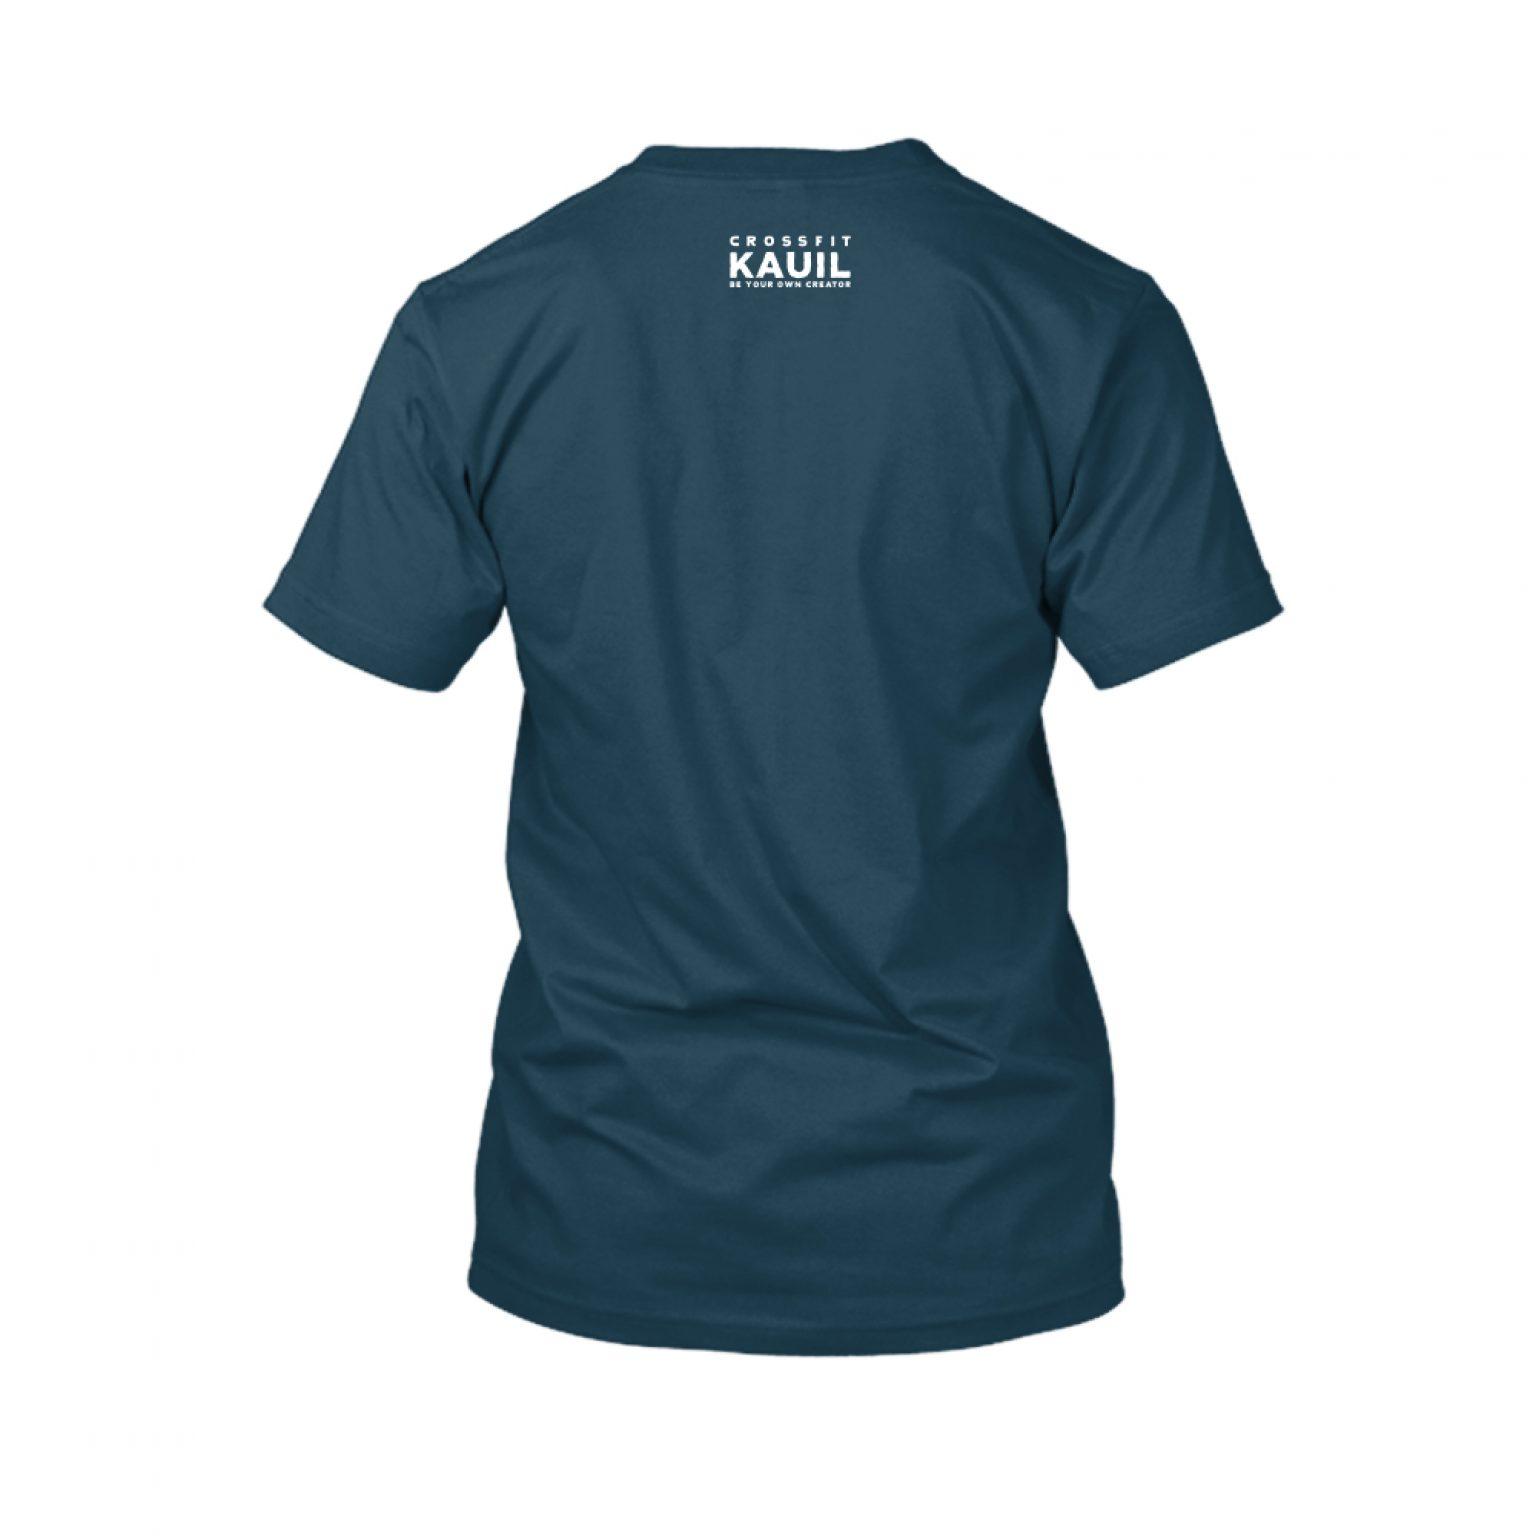 Herren Shirt Navy1 weiss back